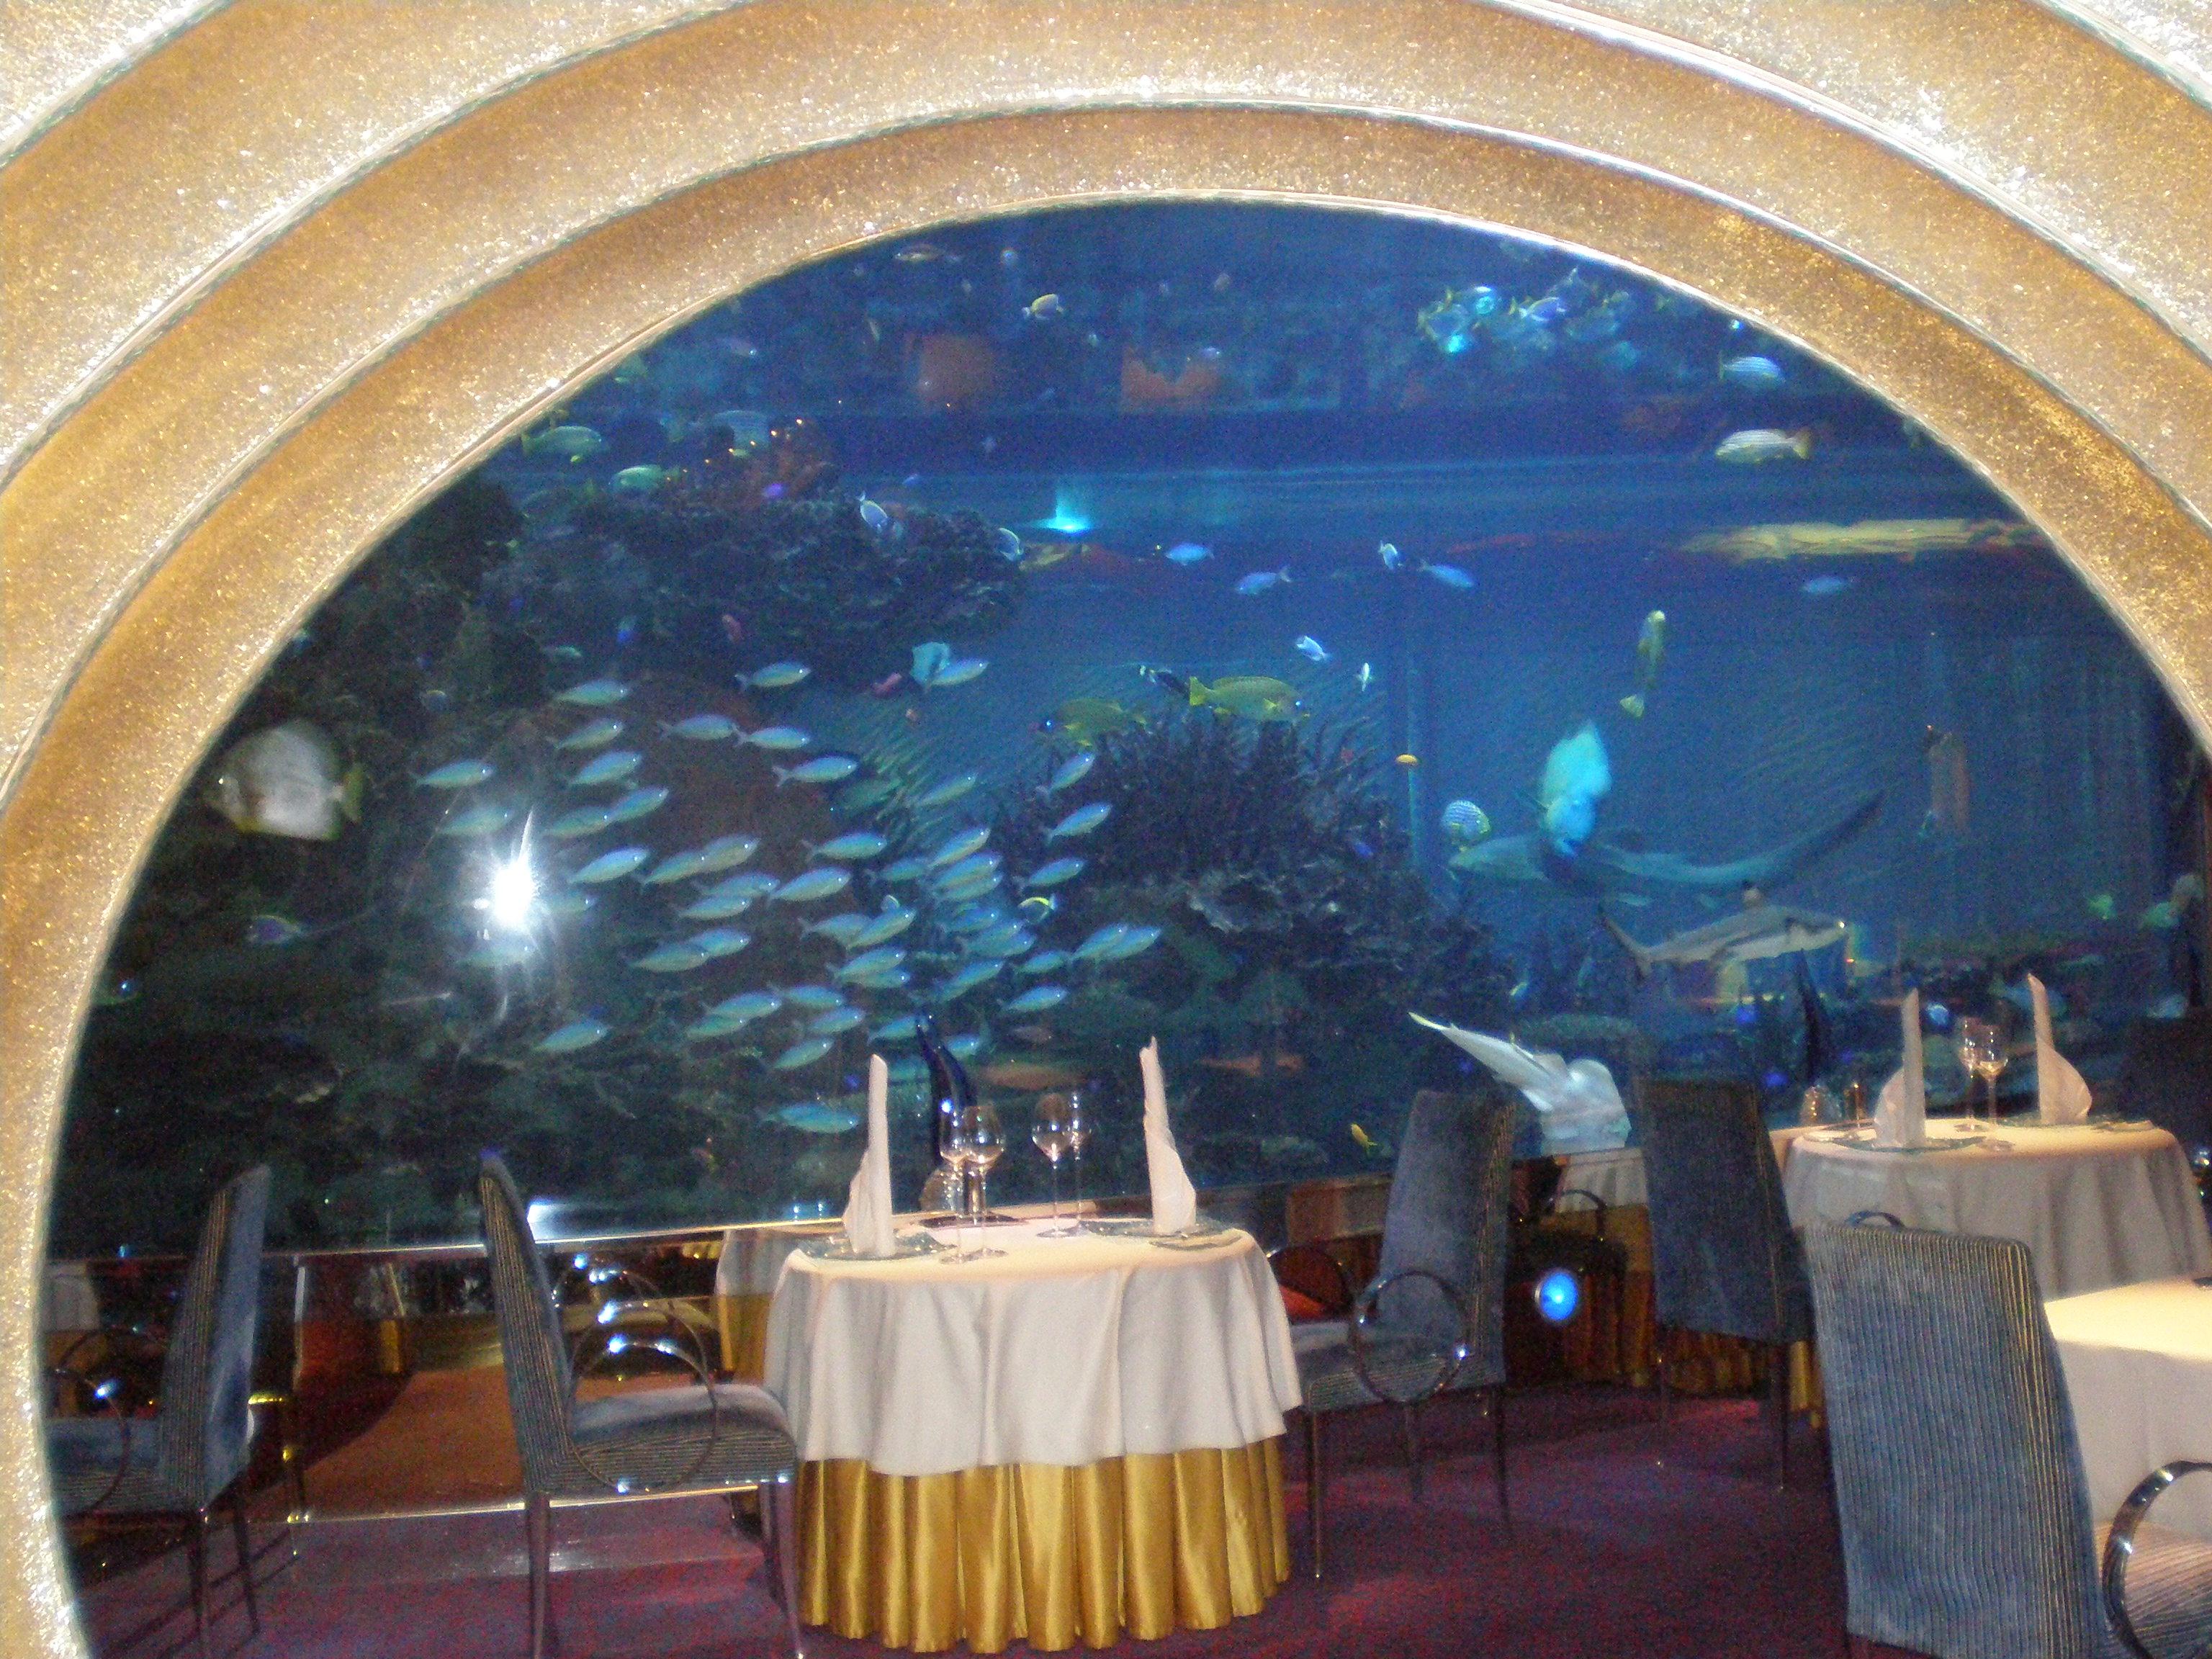 Dubai burj al arab interior underwater restaurant